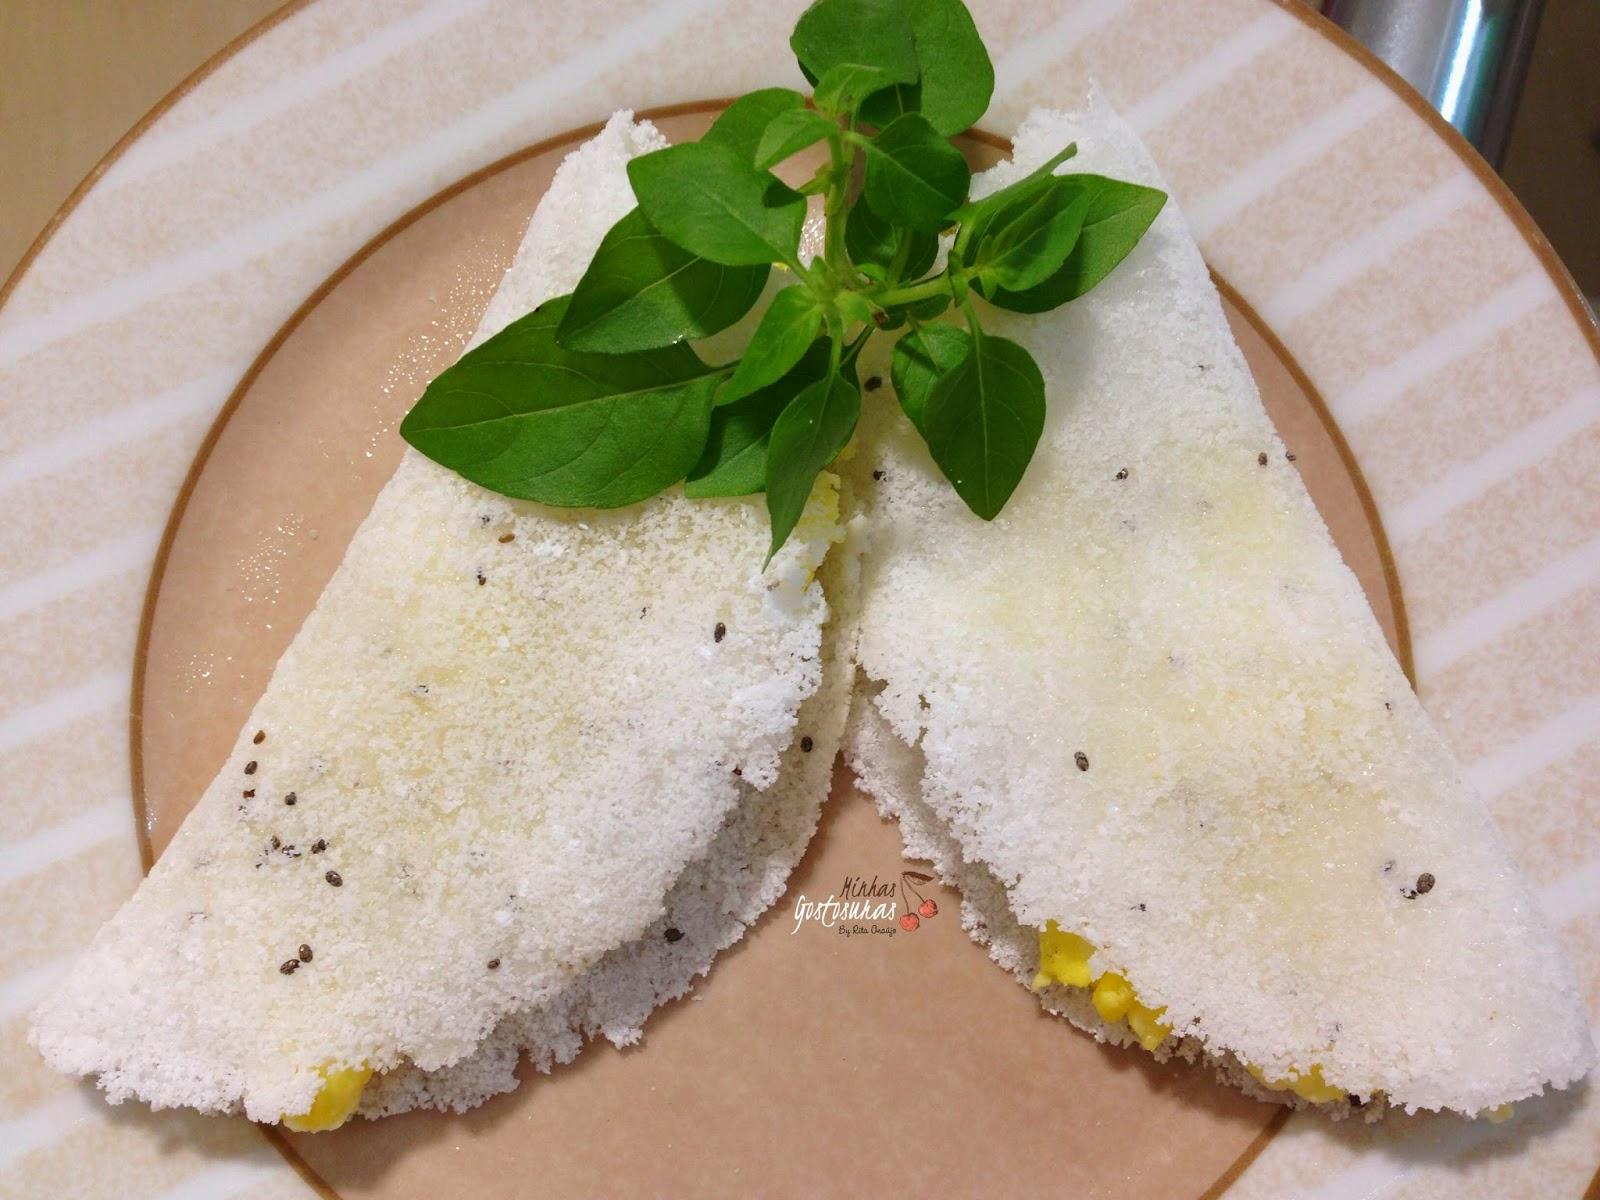 Agua De Uva Passa Para Emagrecer minhas gostosuras®: tapioca saudável: para emagrecer com sabor